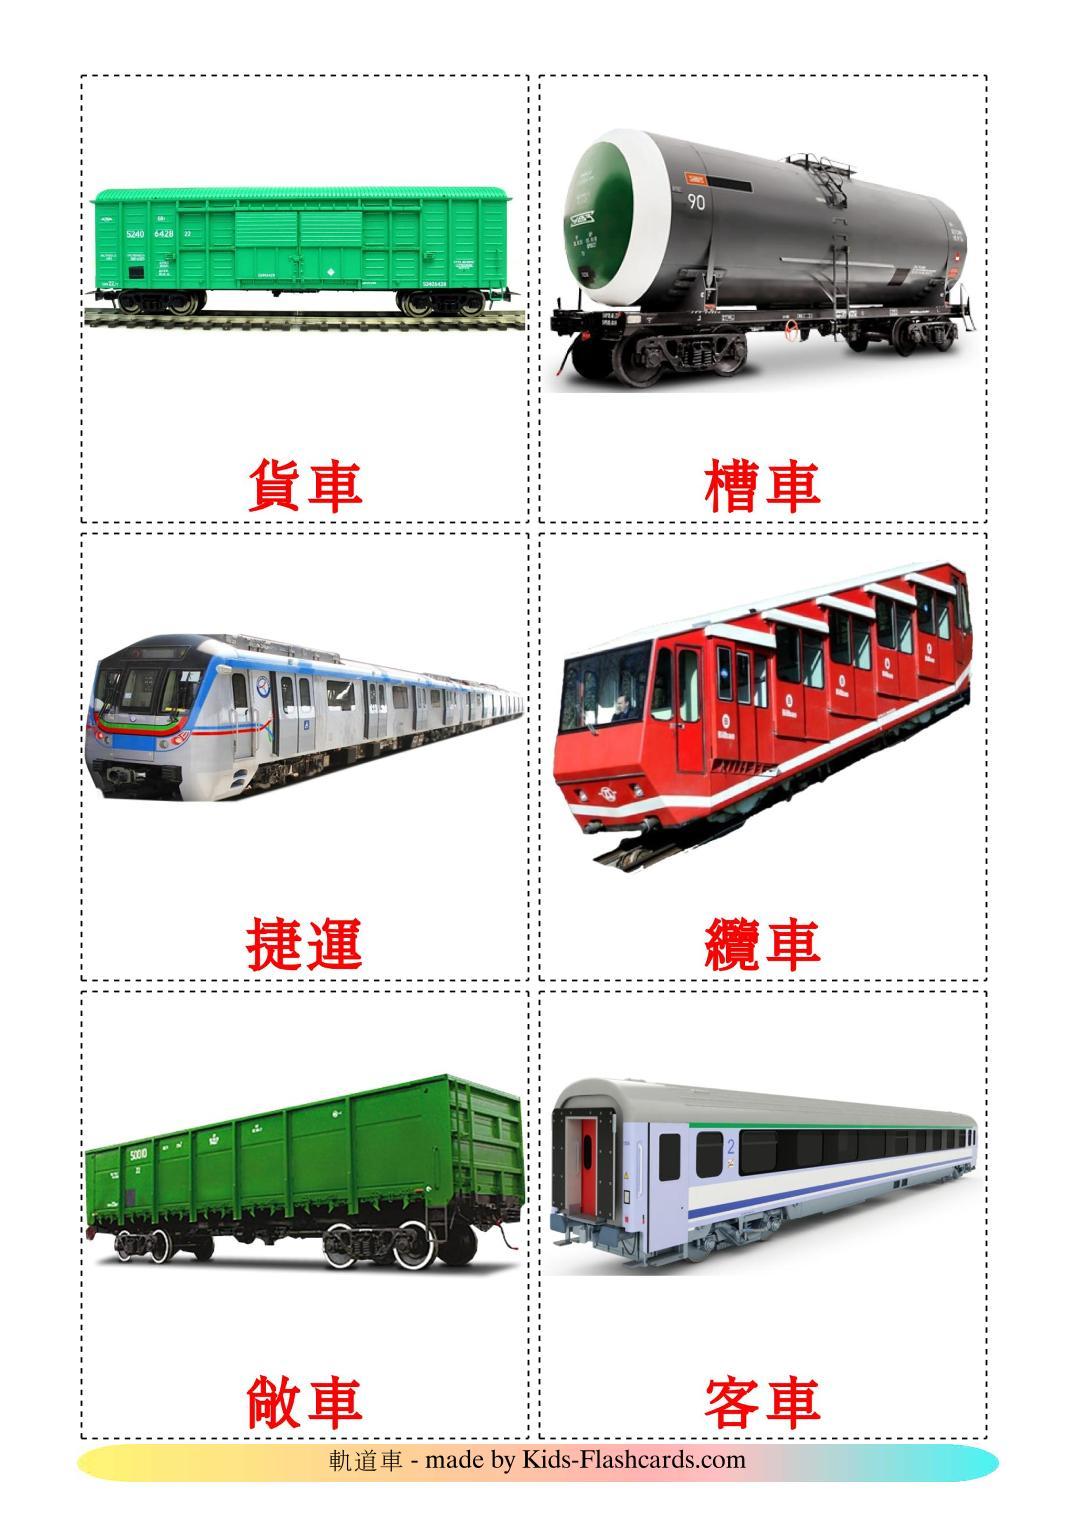 Рельсовый транспорт - 18 Карточек Домана на китайский(Традиционный)